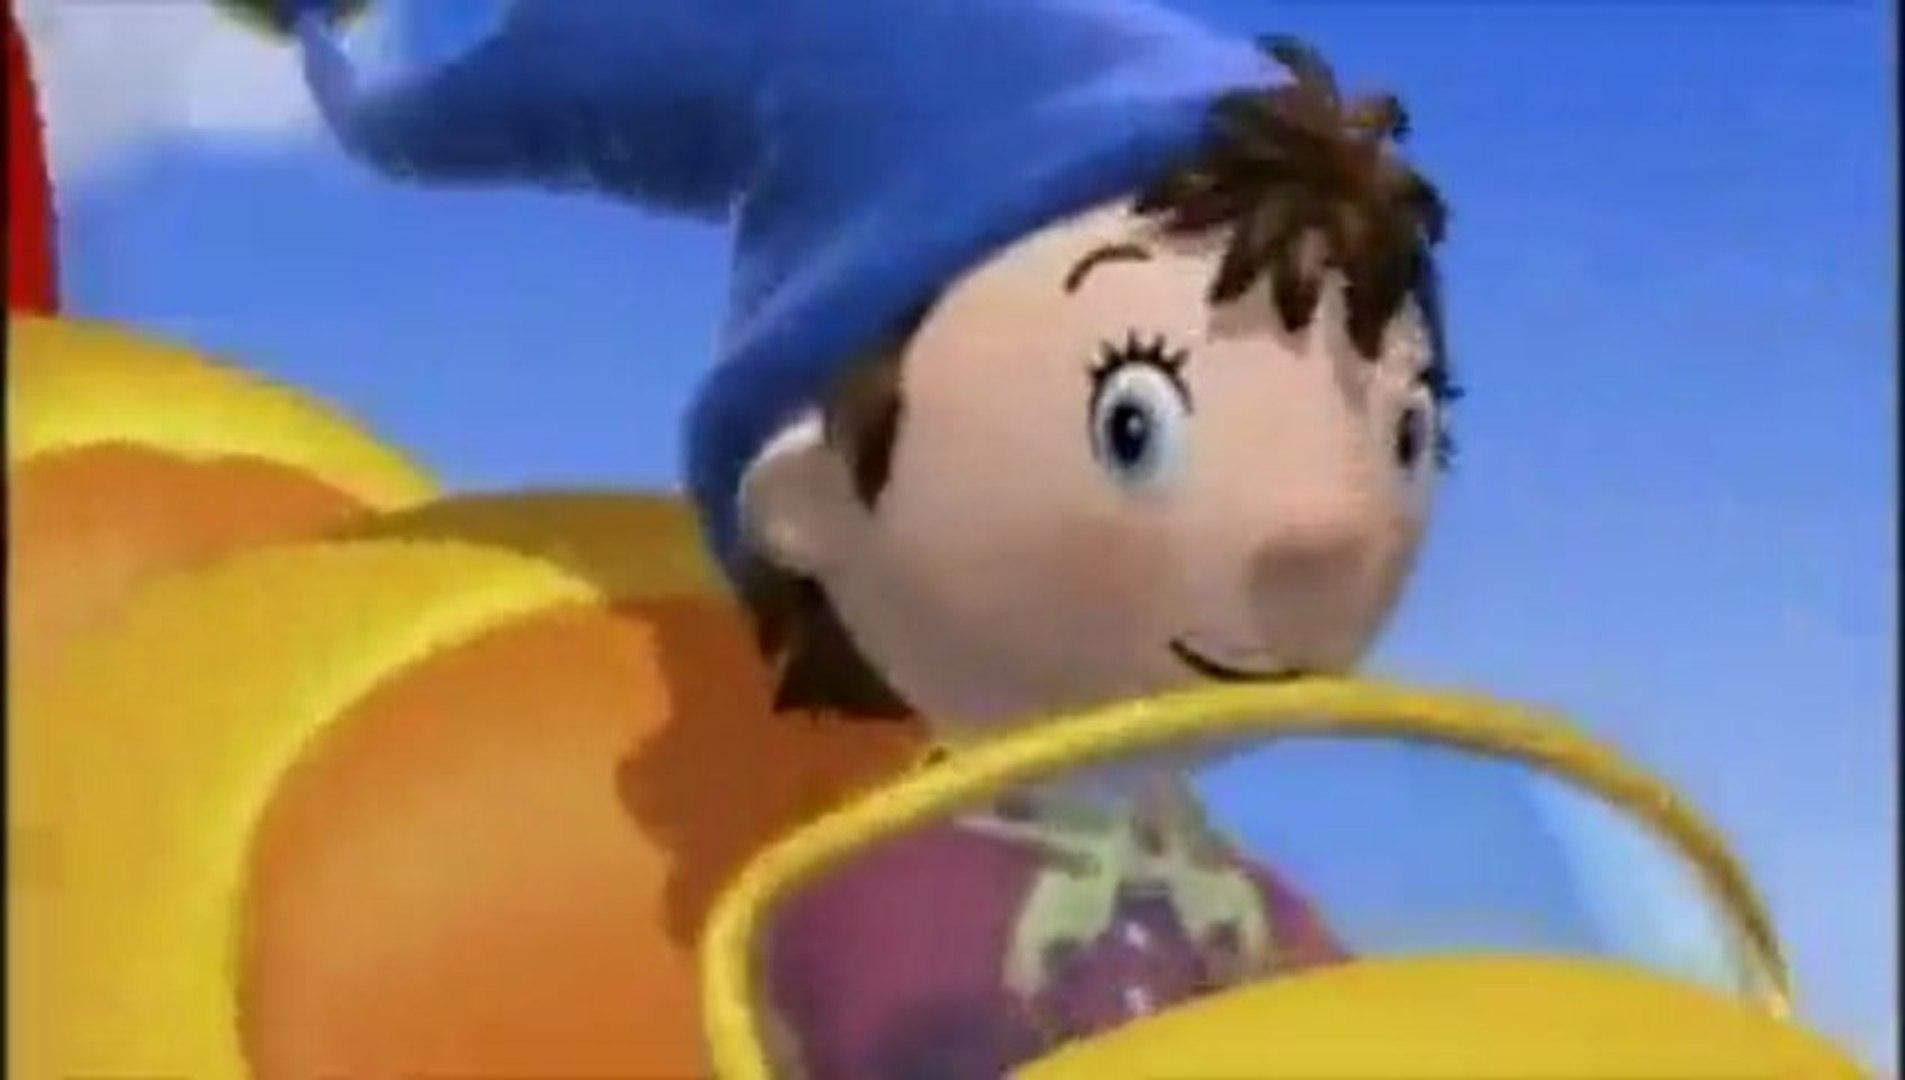 Oui Oui Generique Nouveau Dessin Anime Des Annees 2000 Video Dailymotion